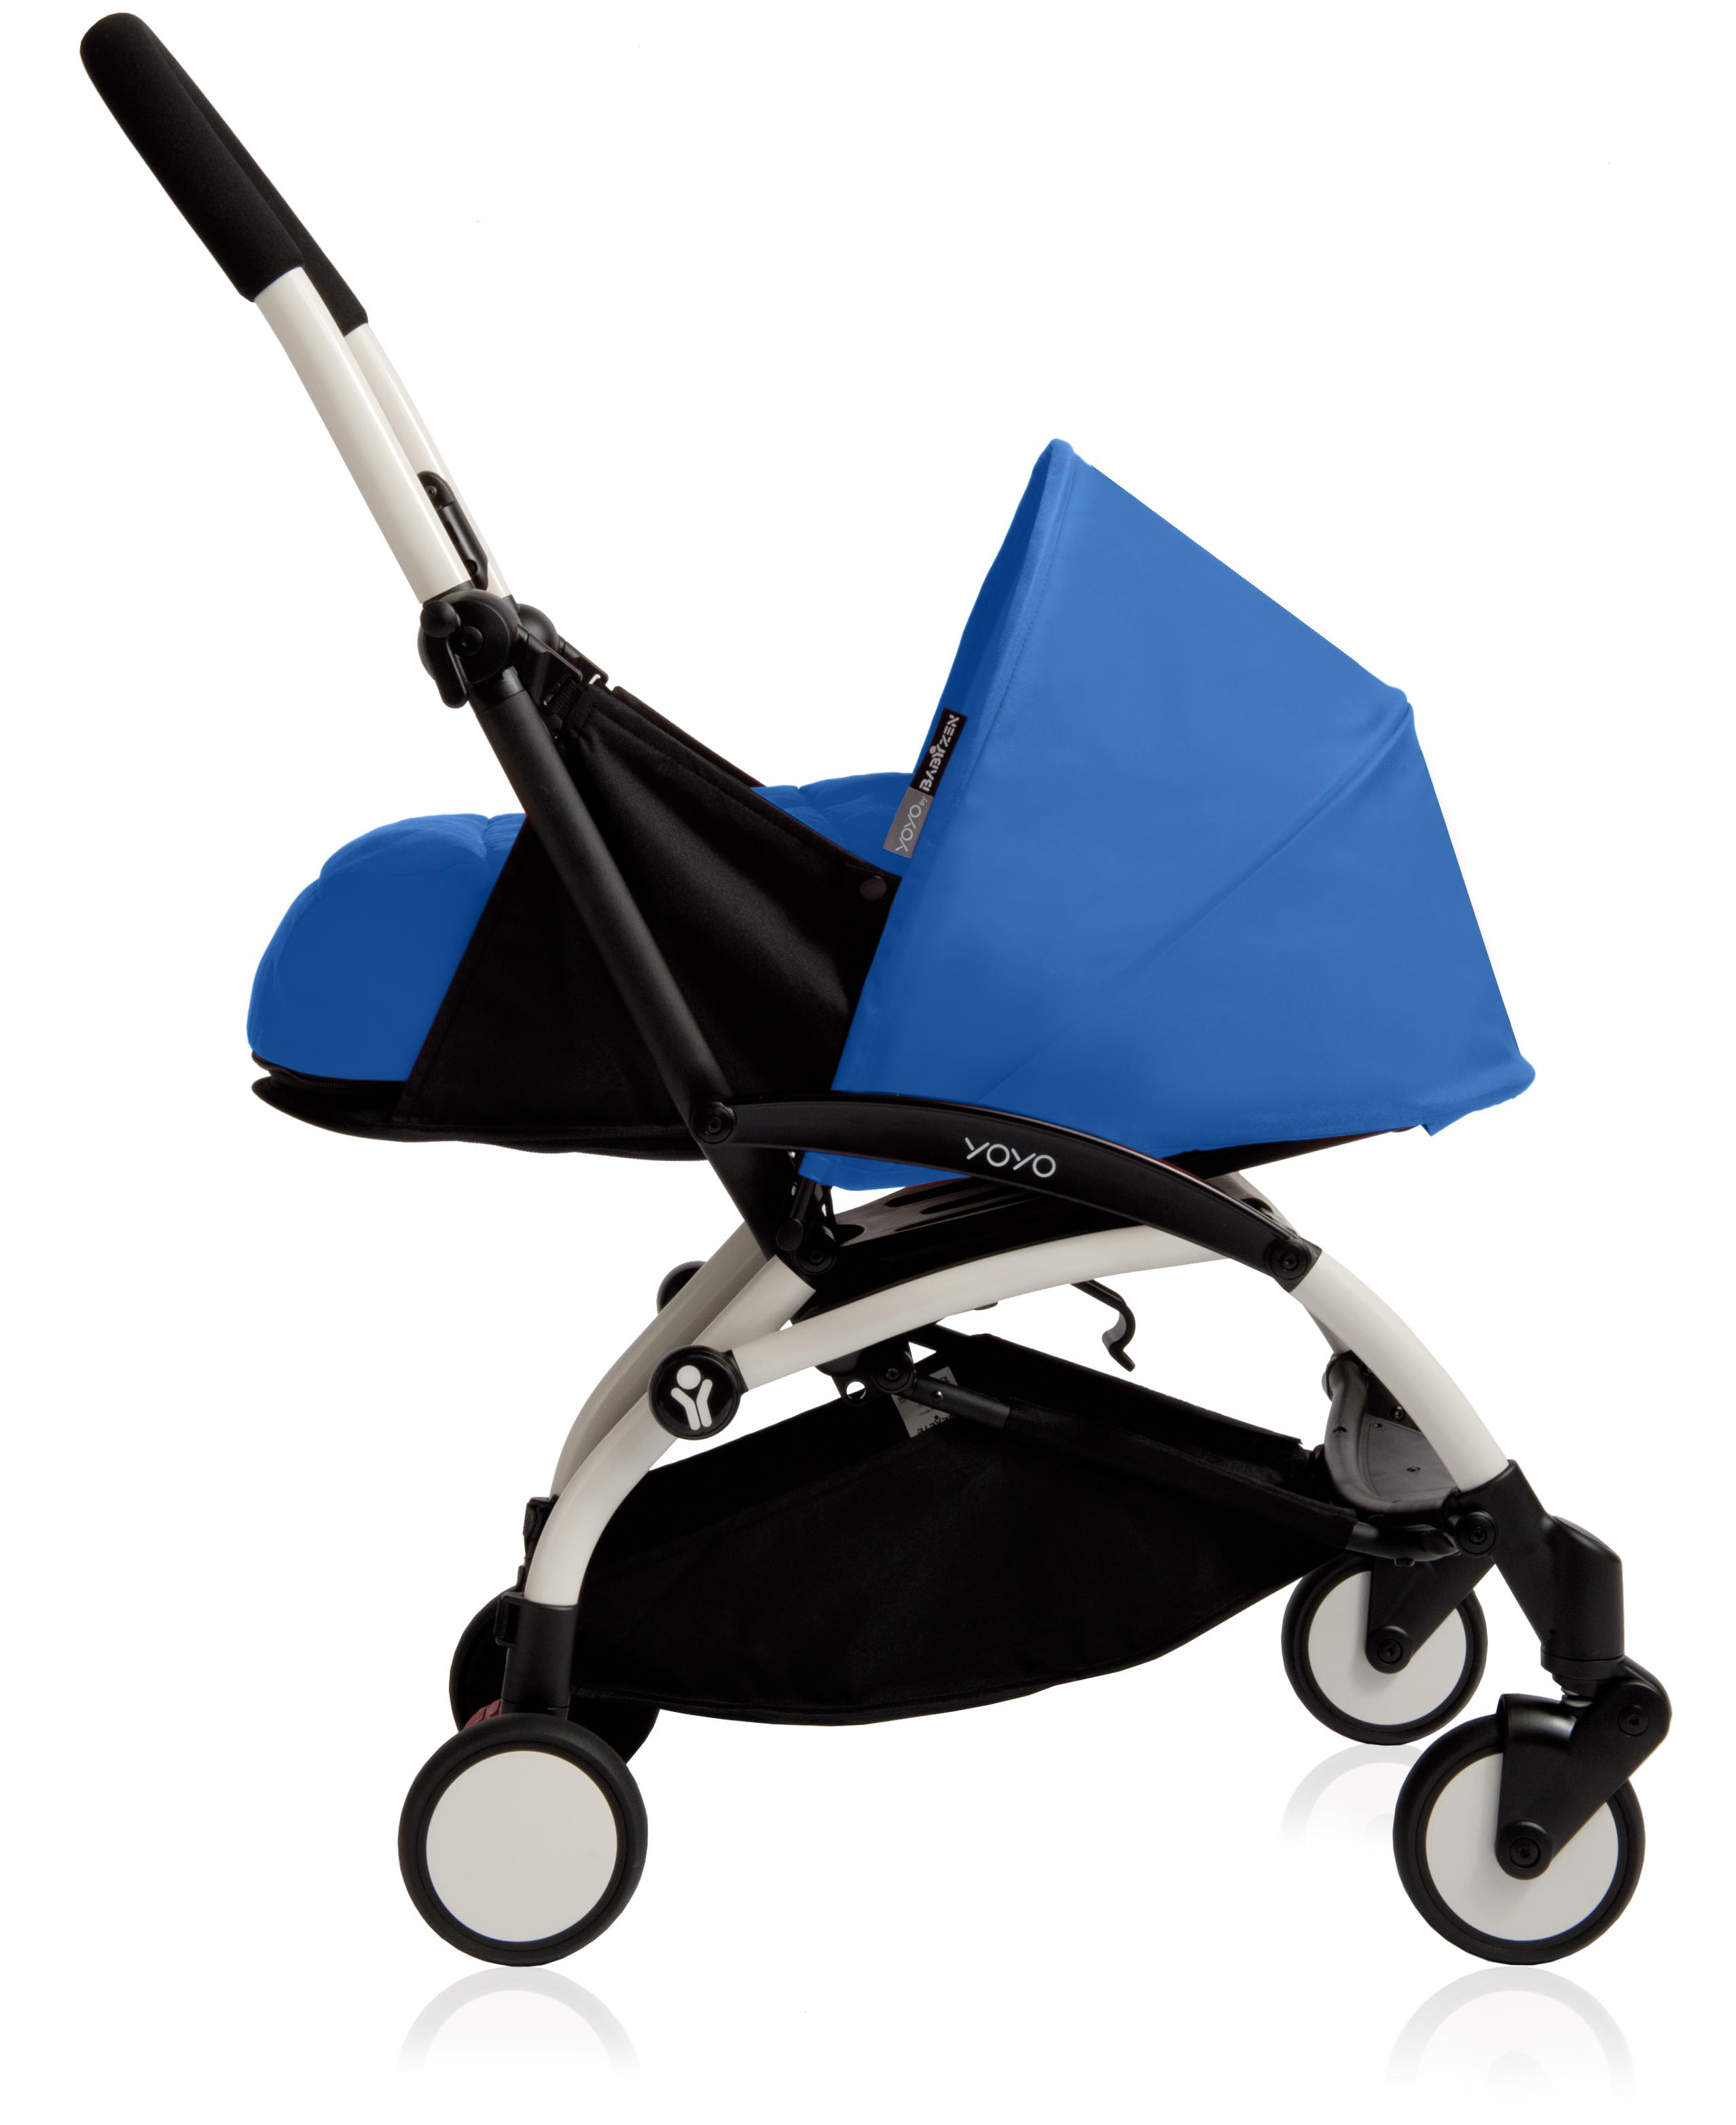 BabyZen YoYo Stroller 0+ White Frame